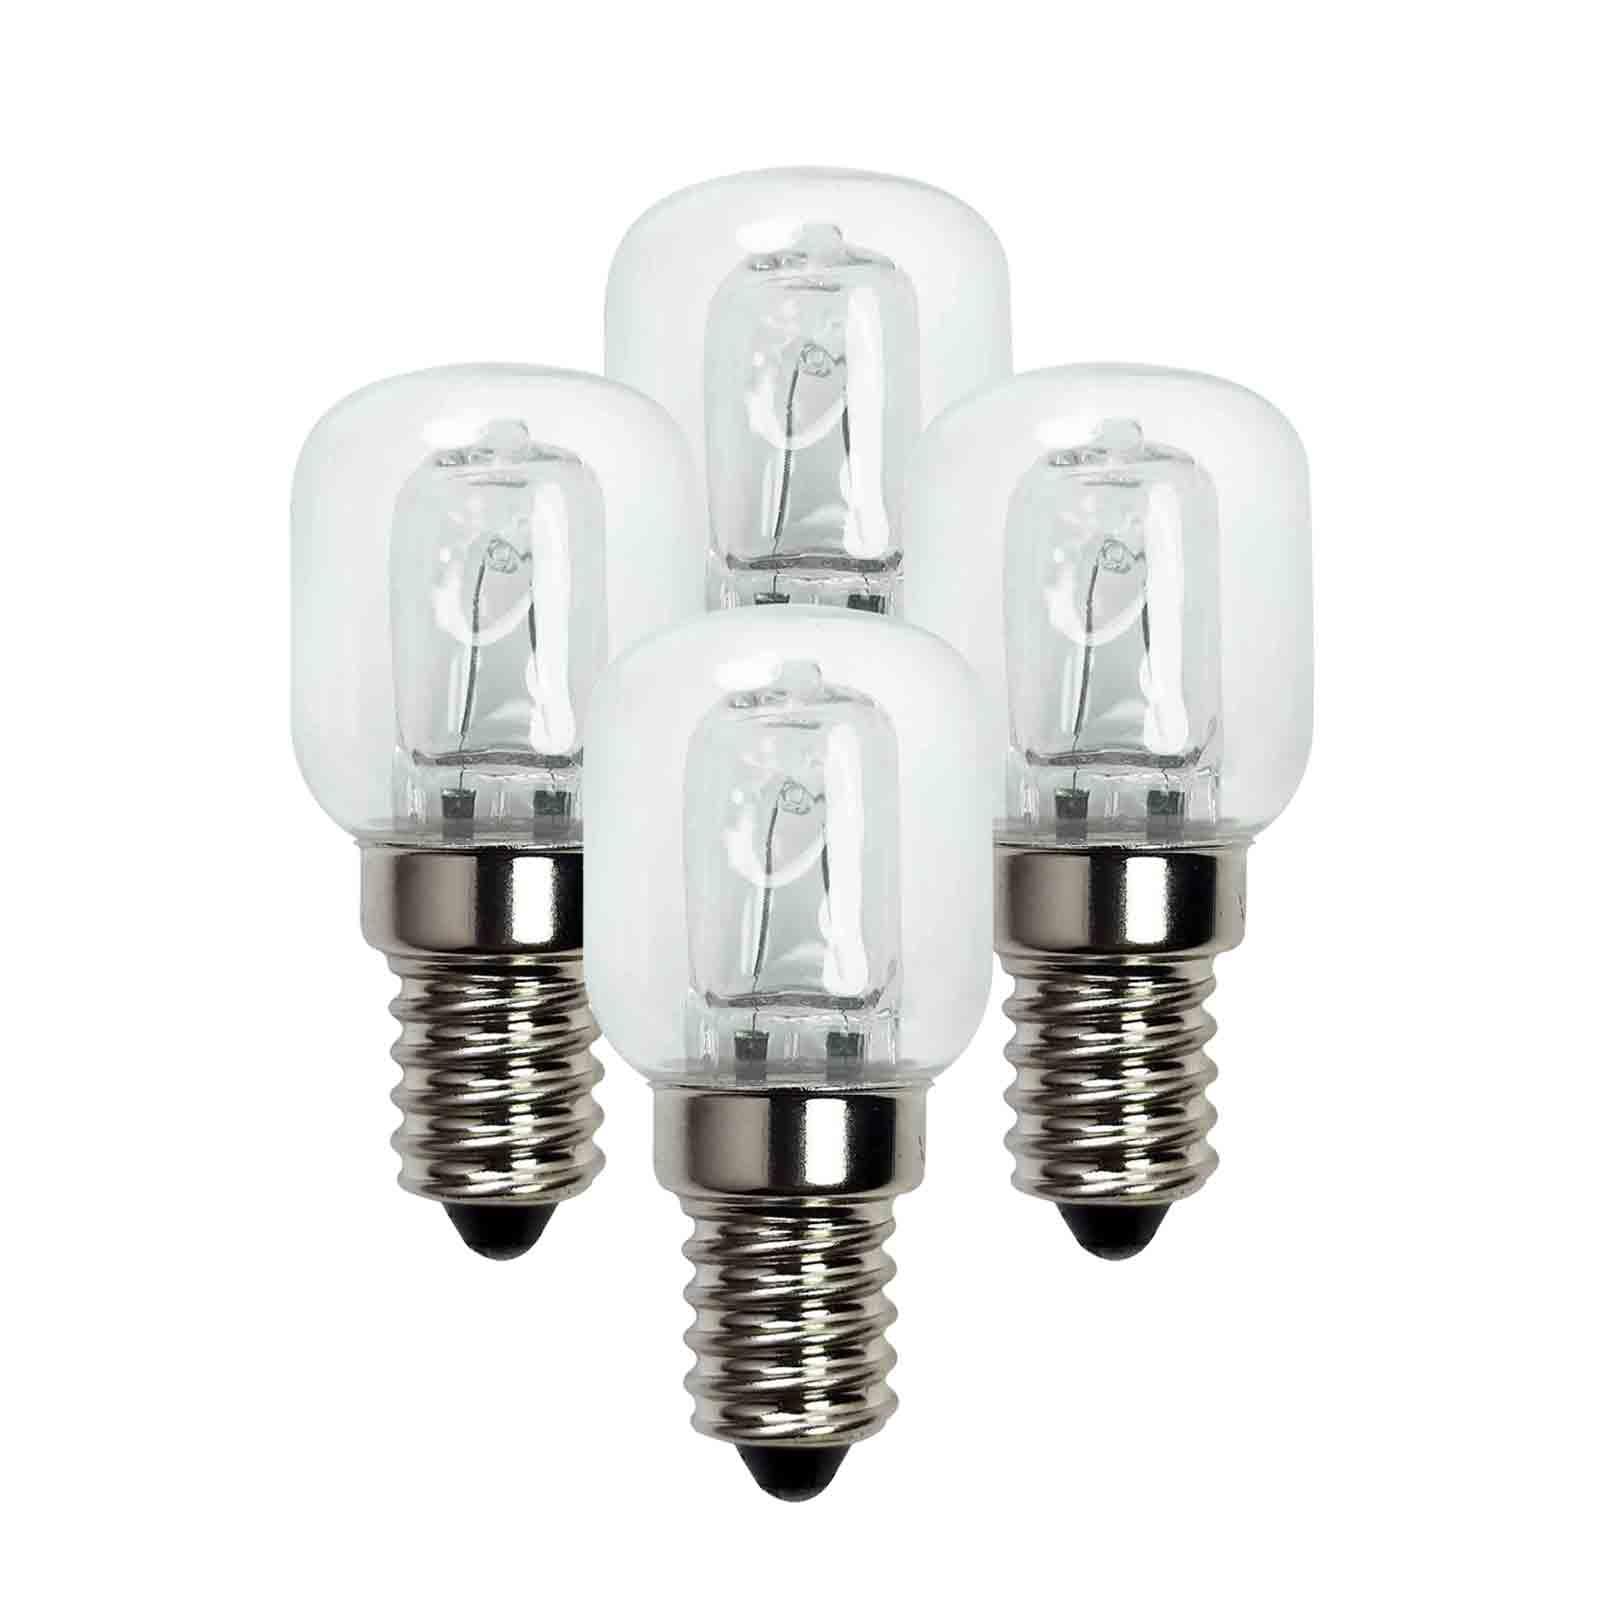 lampada de forno 25w 2750k e14 lampada 01